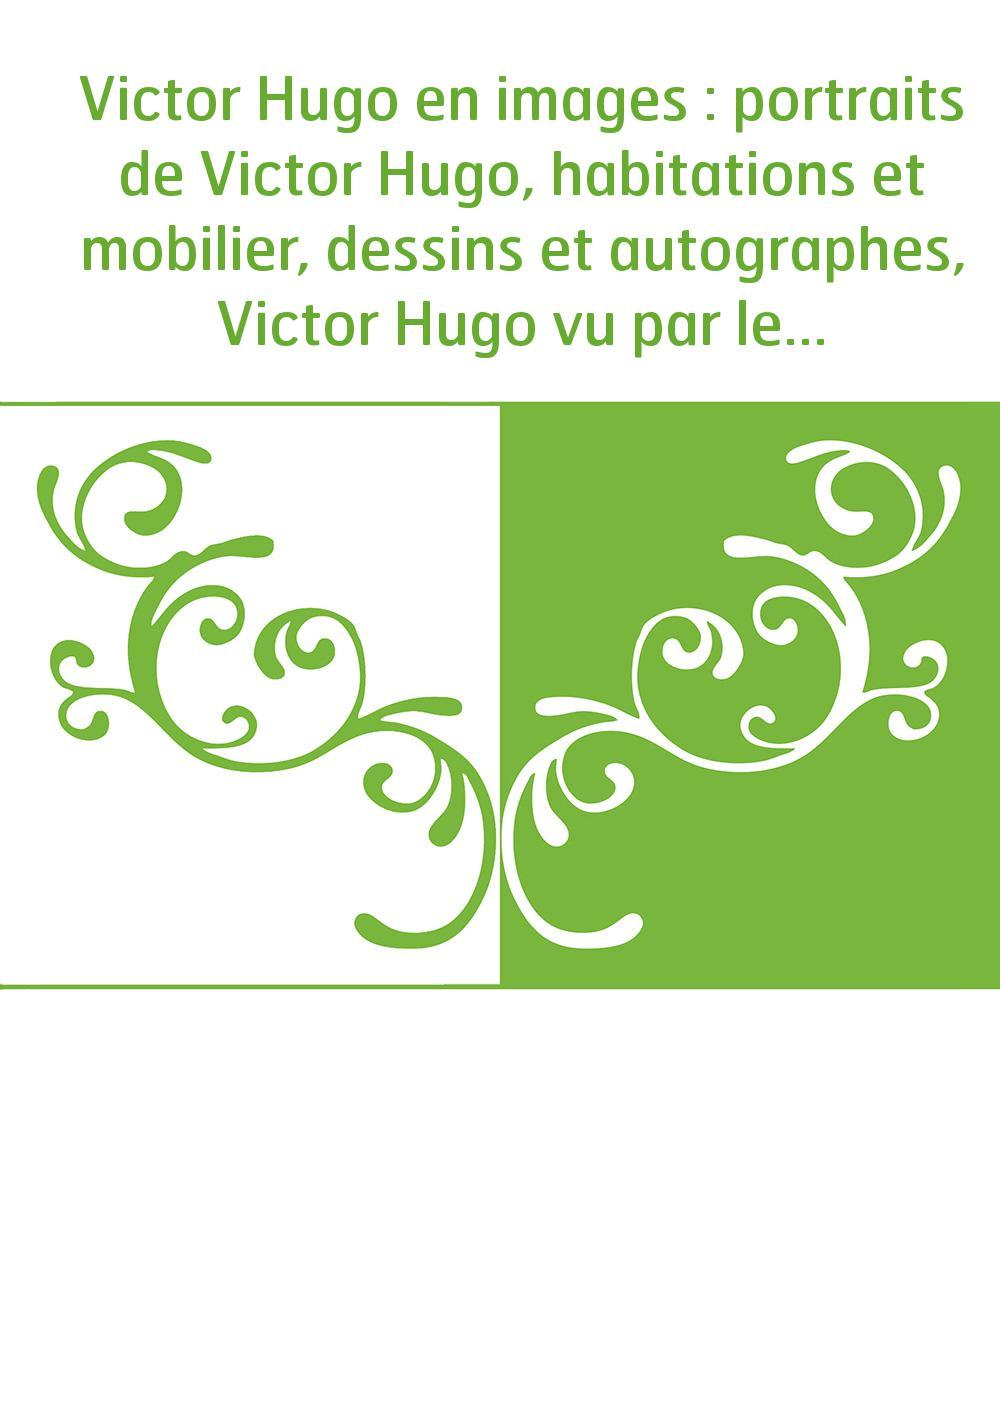 Victor Hugo en images : portraits de Victor Hugo, habitations et mobilier, dessins et autographes, Victor Hugo vu par les artist